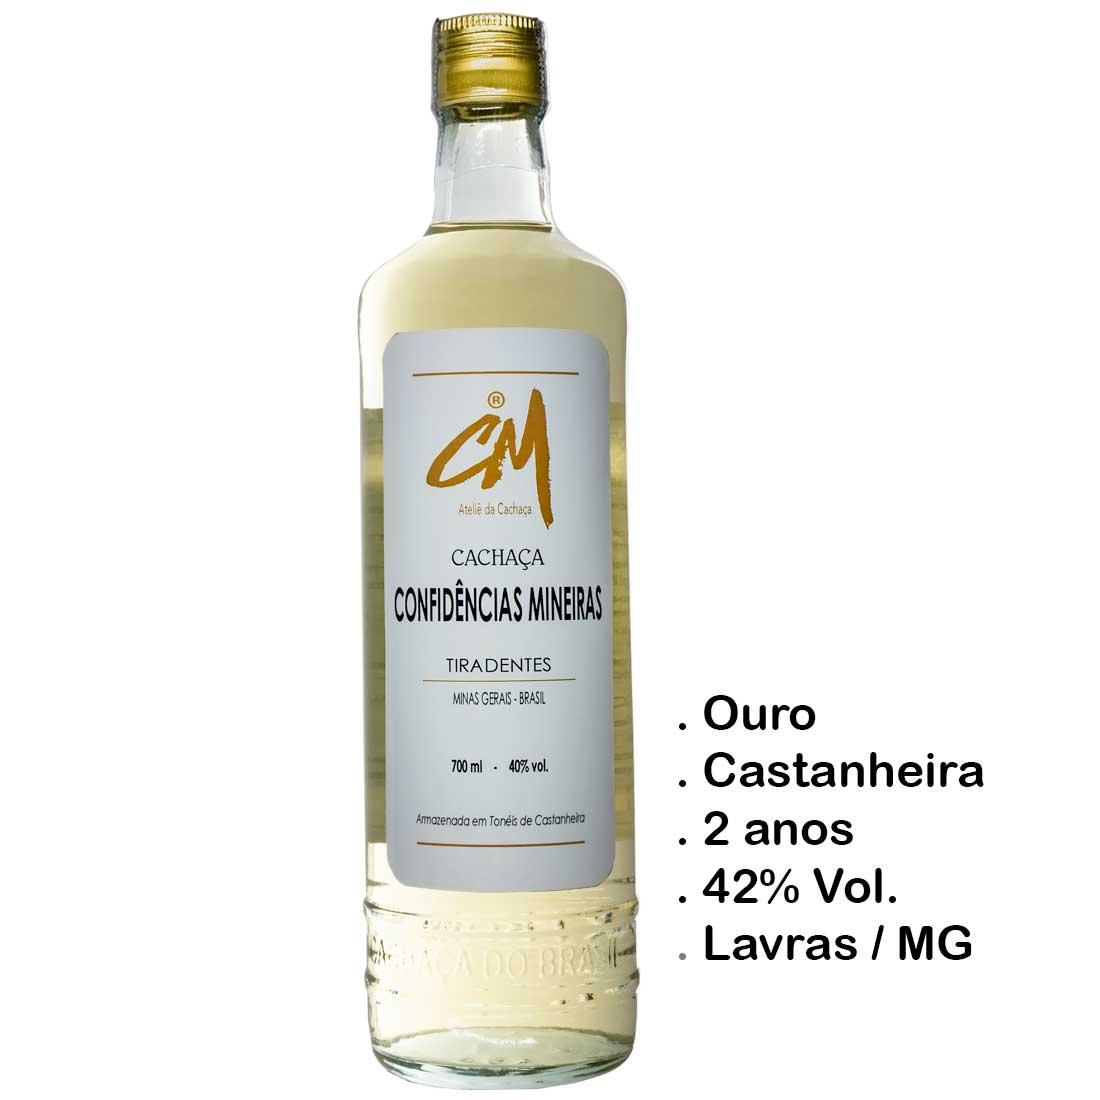 Cachaça Confidências Mineiras Ouro 700 ml (Lavras - MG)